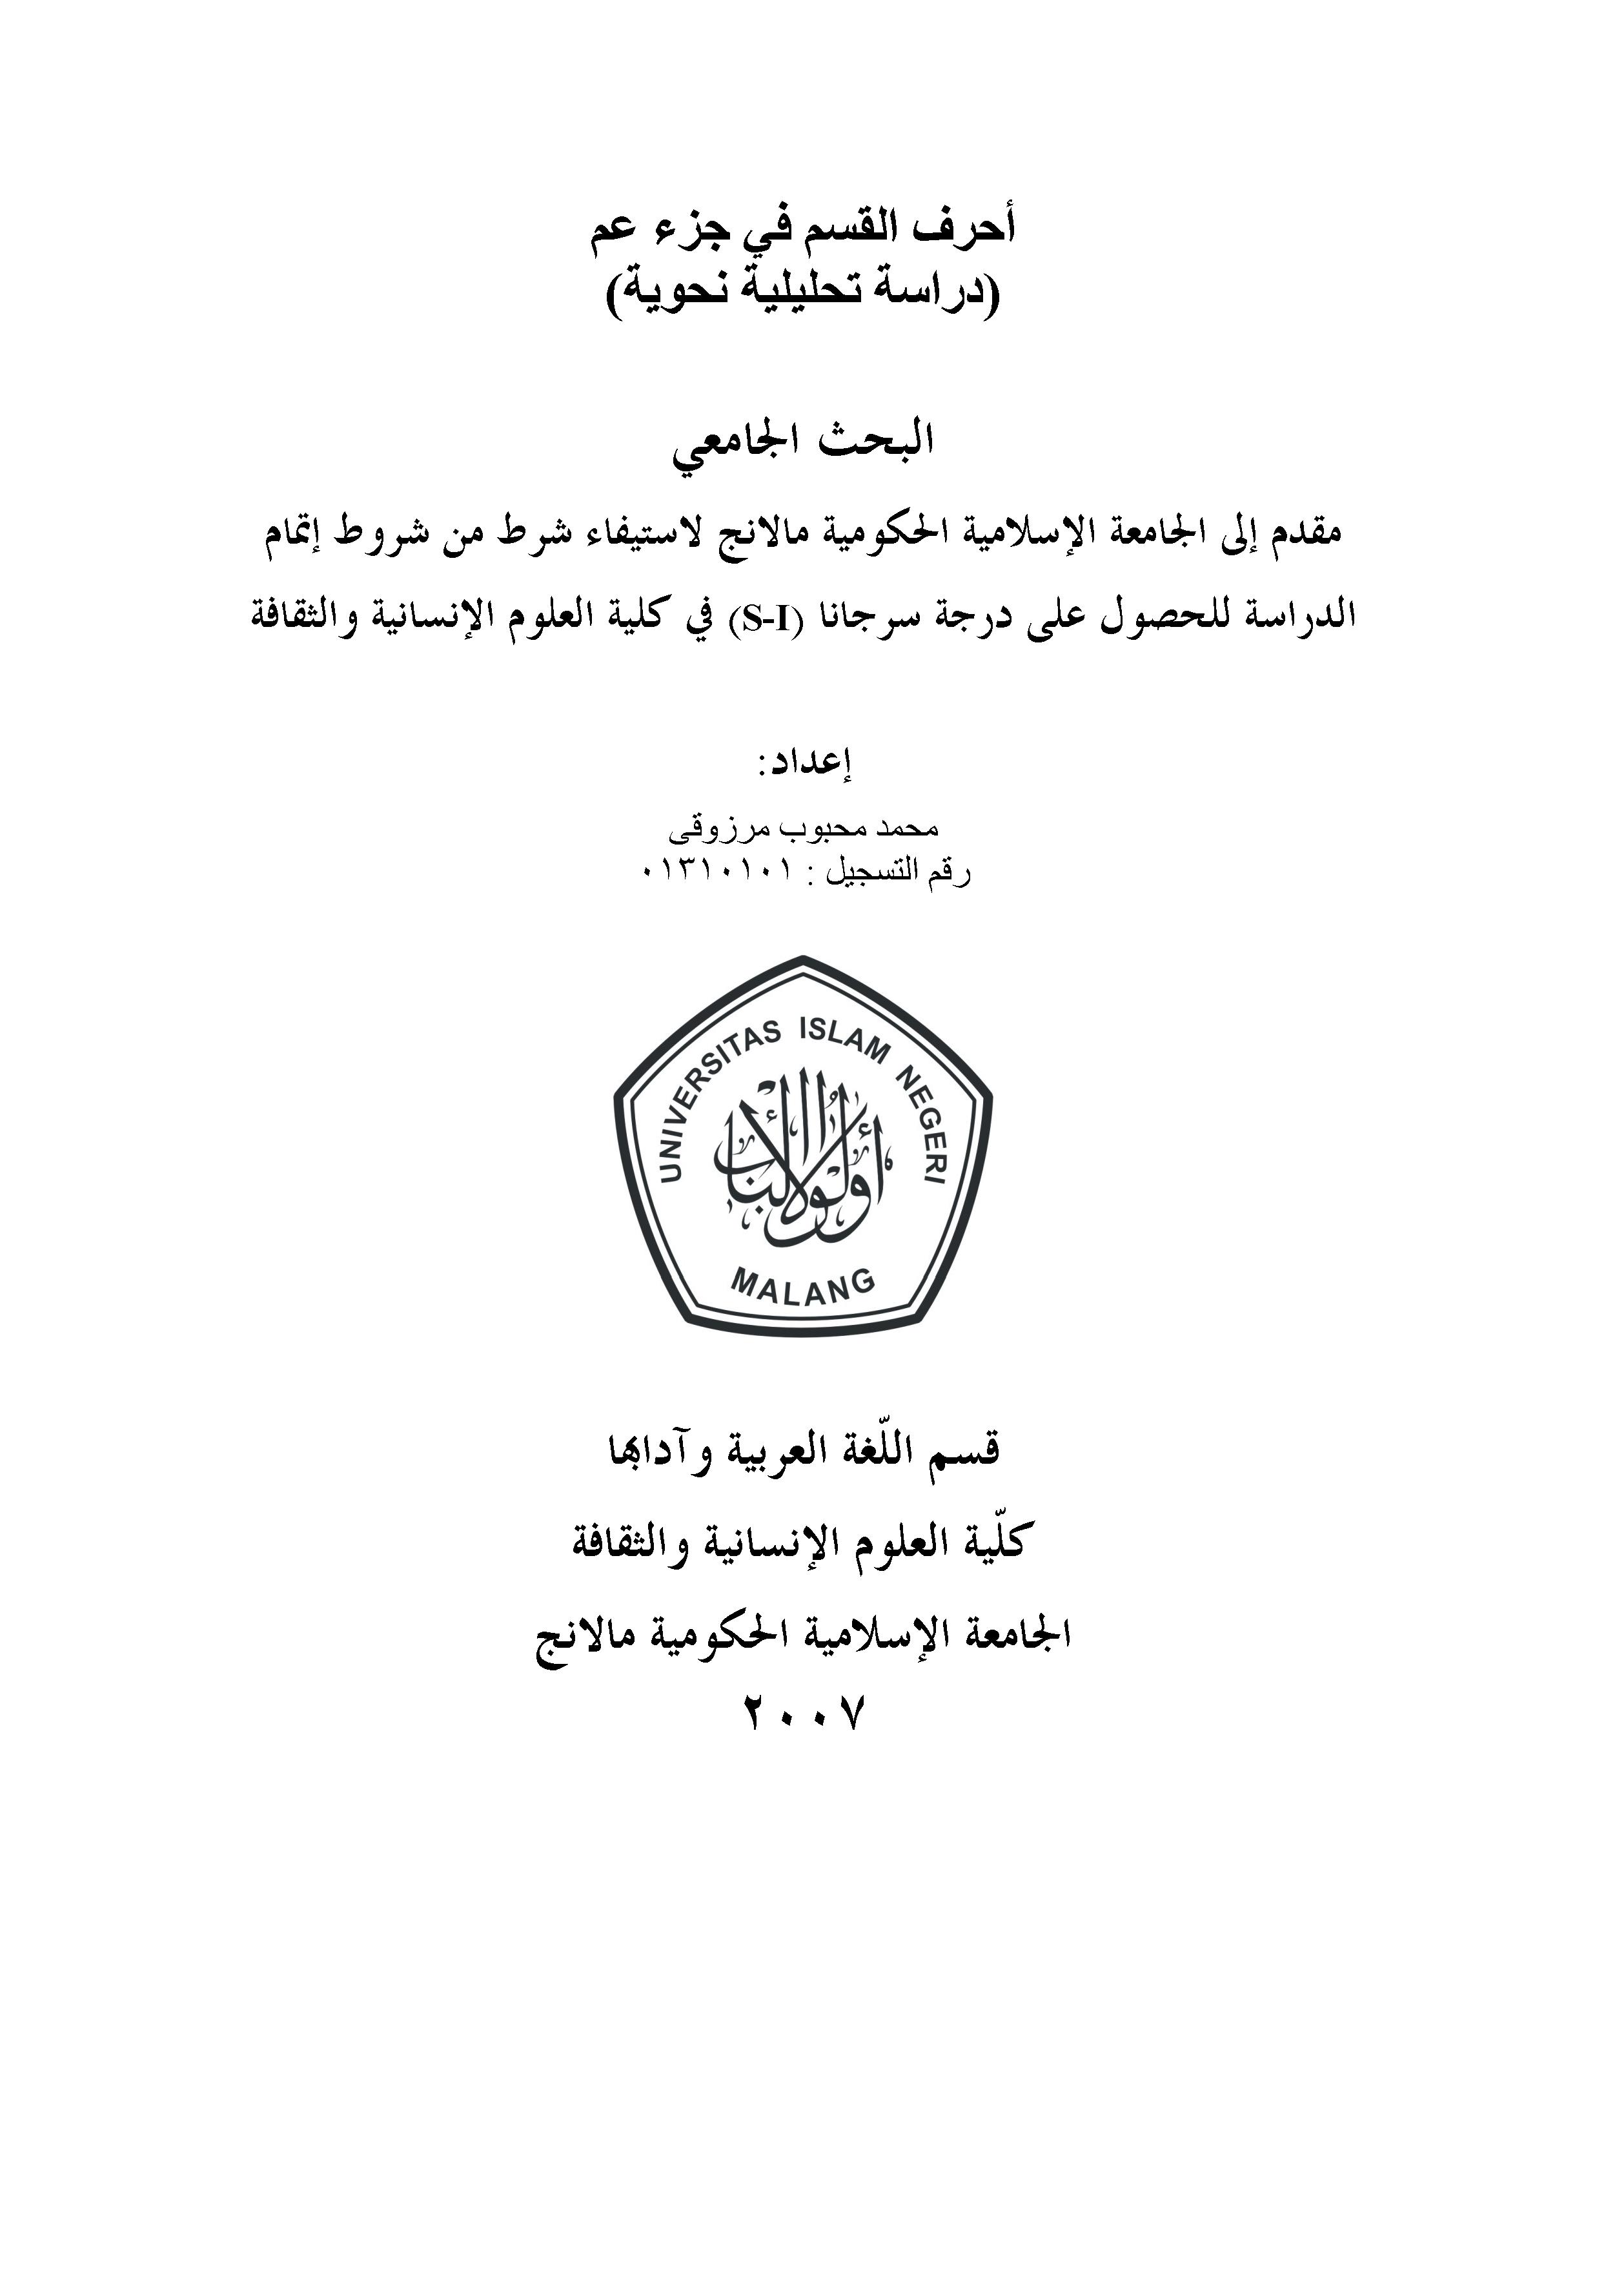 تحميل كتاب أحرف القسم في جزء عم (دراسة تحليلية نحوية) لـِ: محمد محبوب مرزوقي